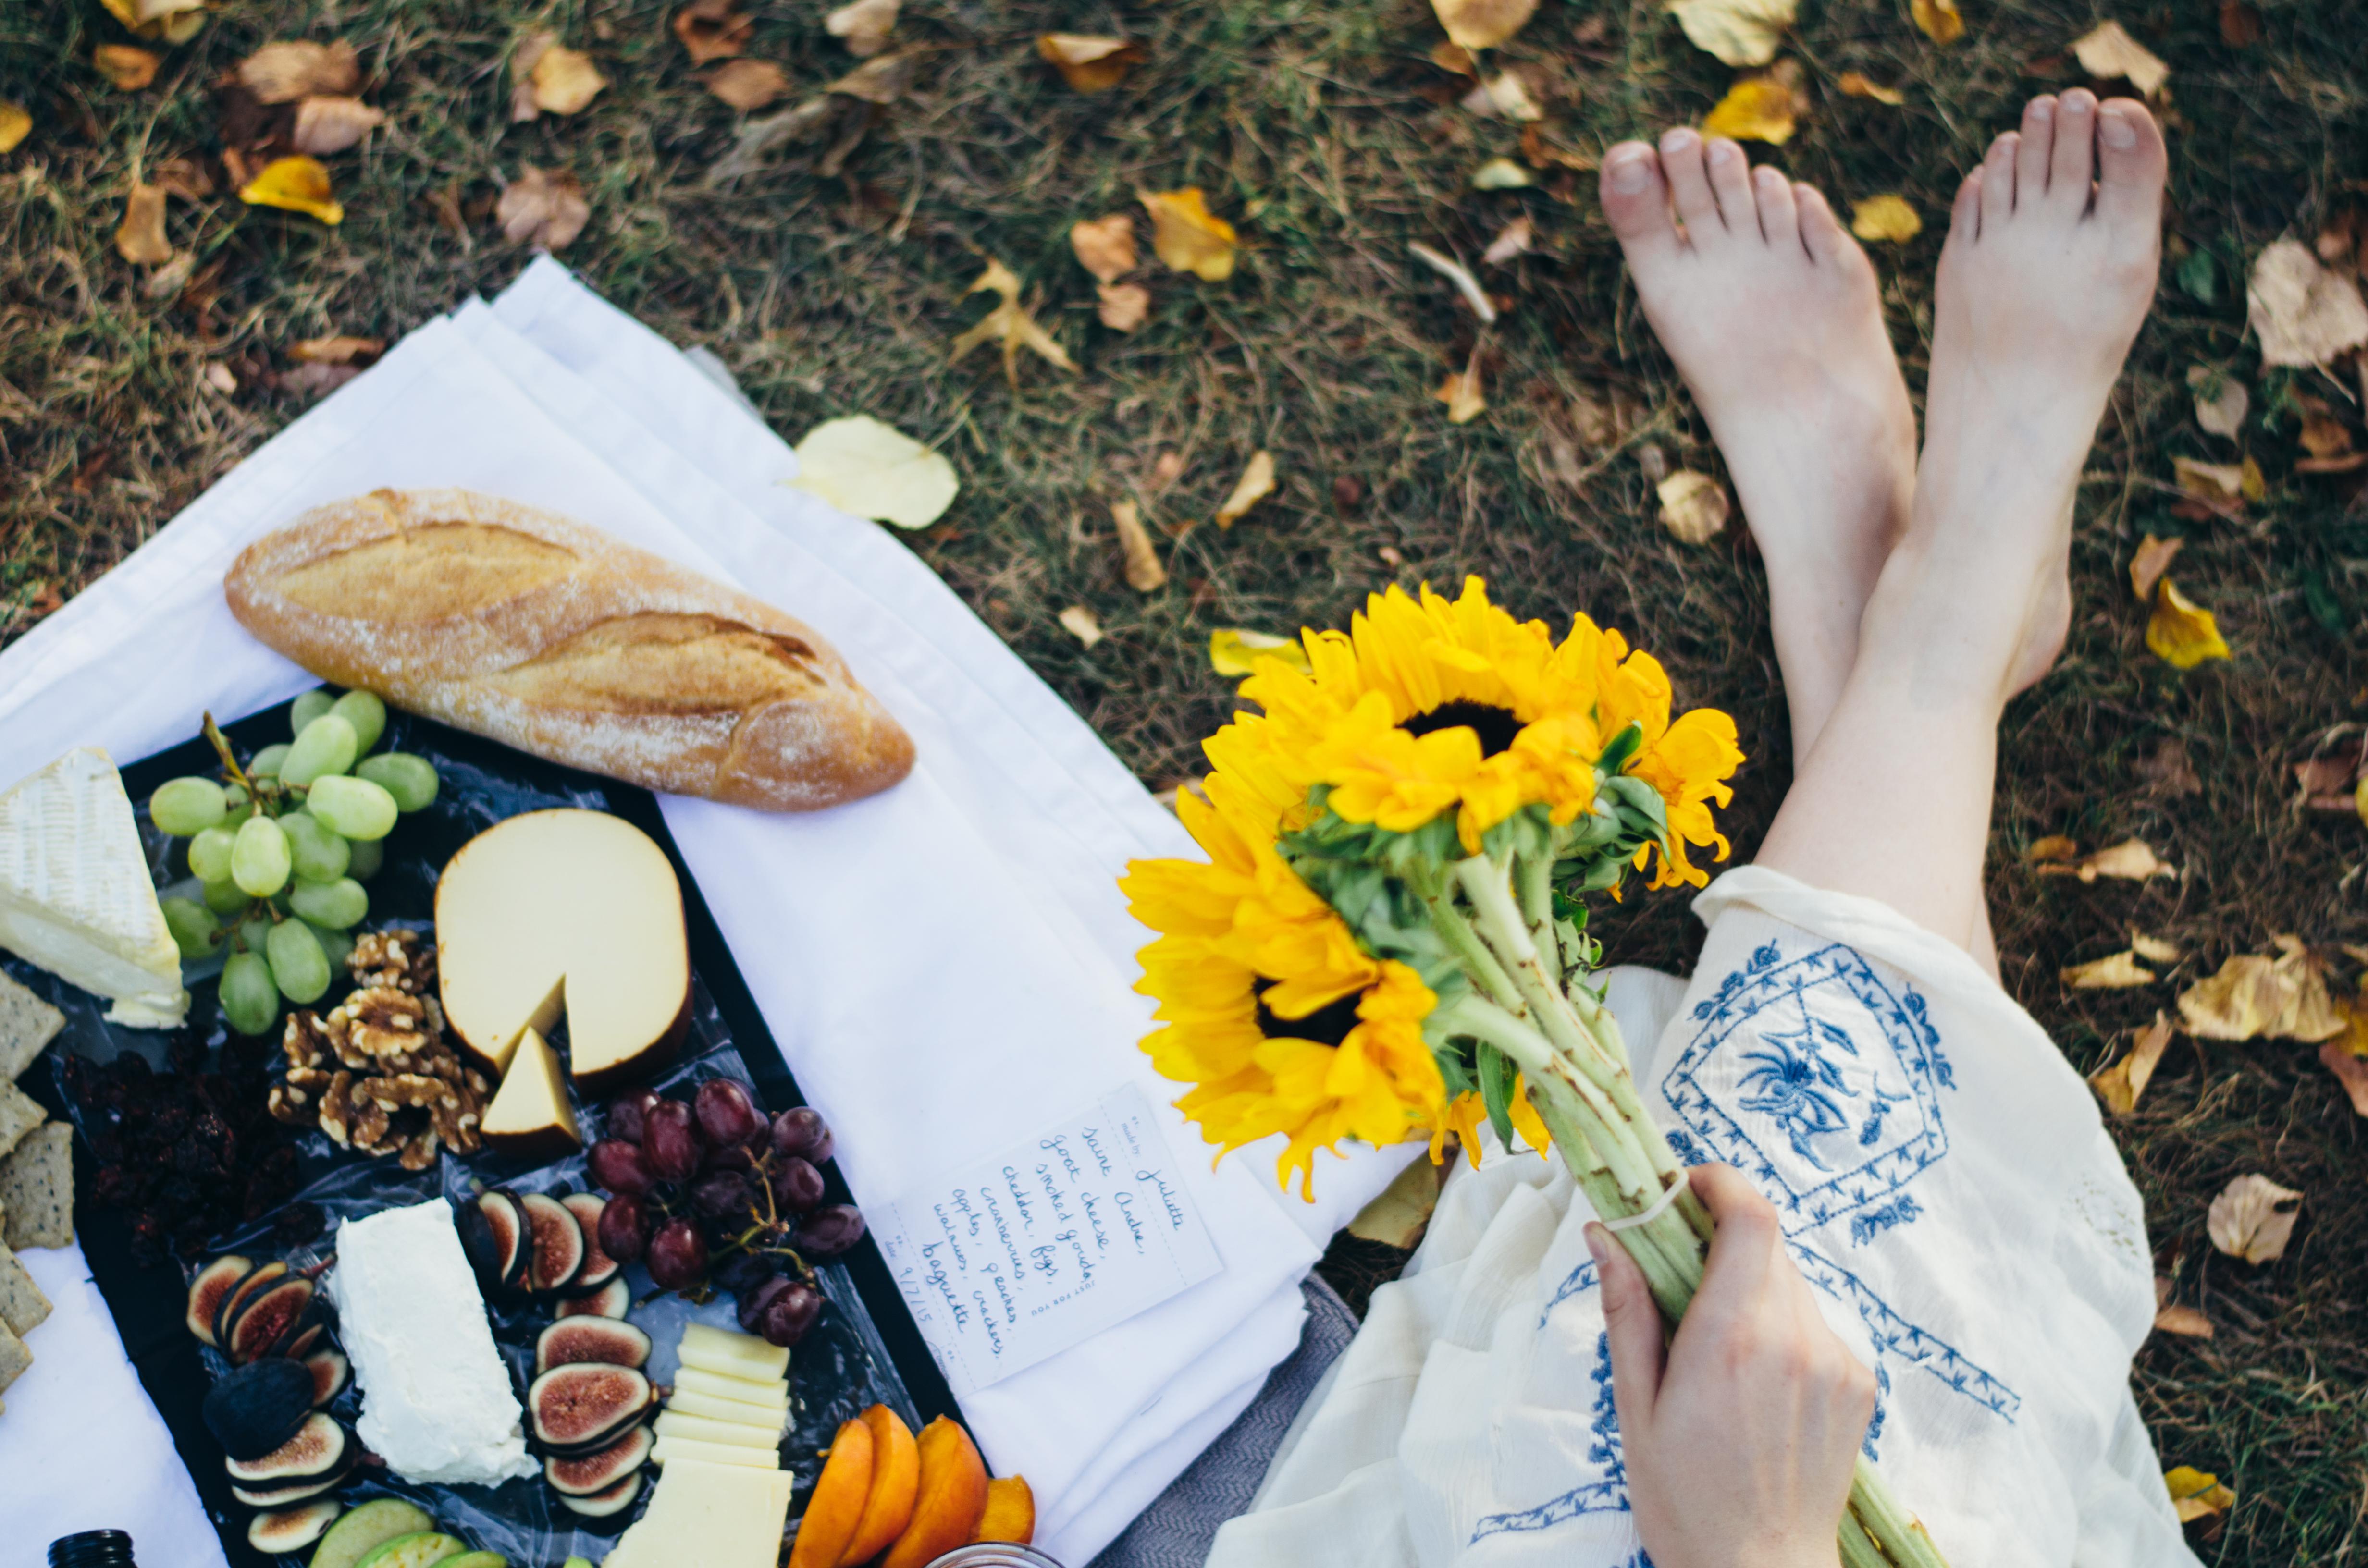 The Perfect Fall Date on juliettelaura.blogspot.com